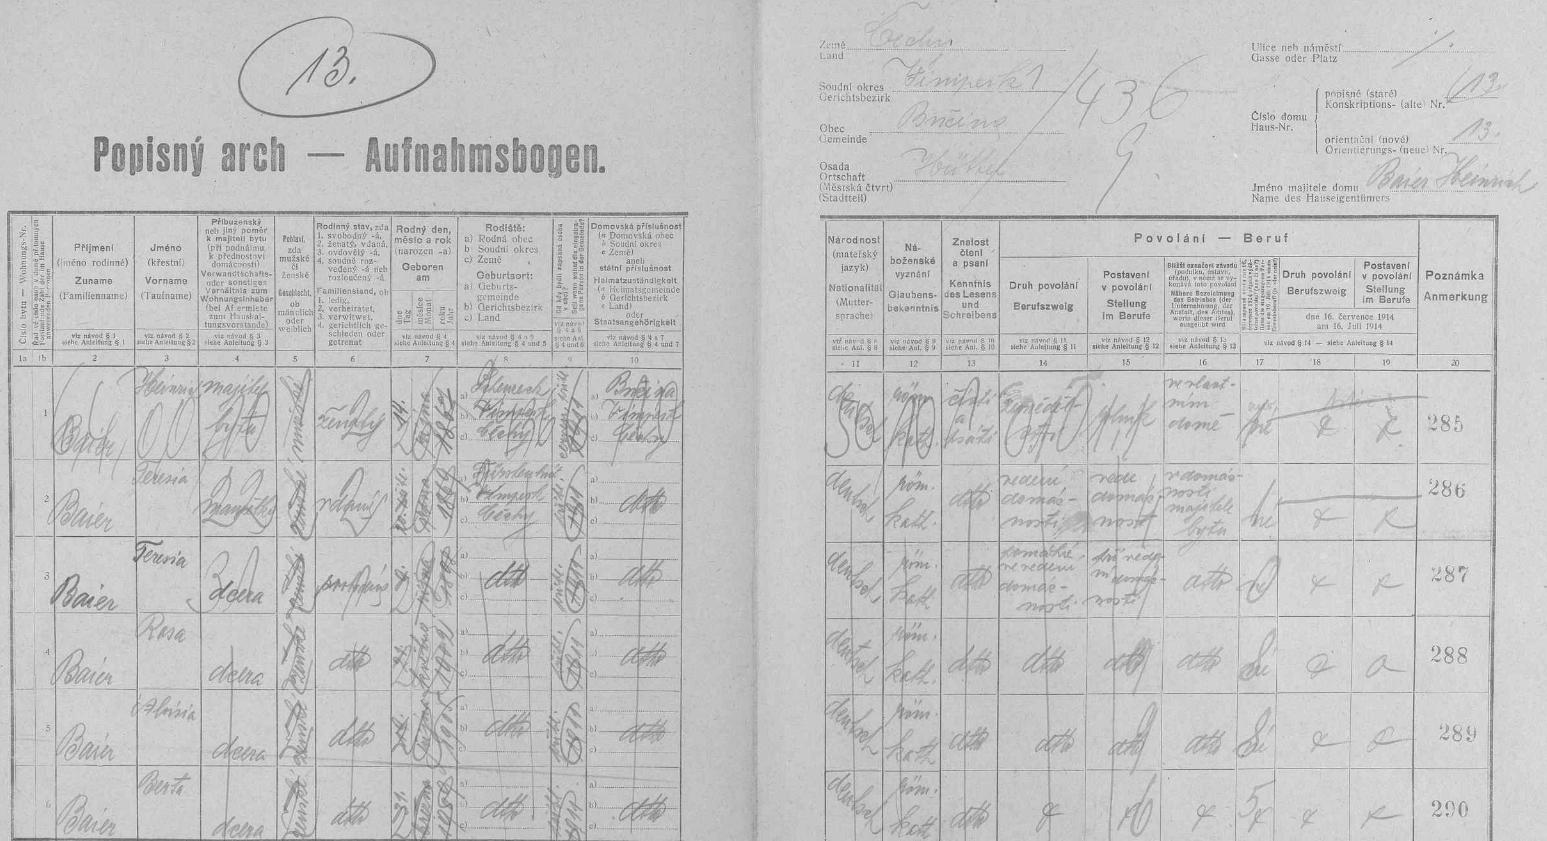 Arch sčítání lidu z roku 1921 pro stavení čp. 13 ve dnes zcela zaniklých Chaloupkách s rodinou Baierových